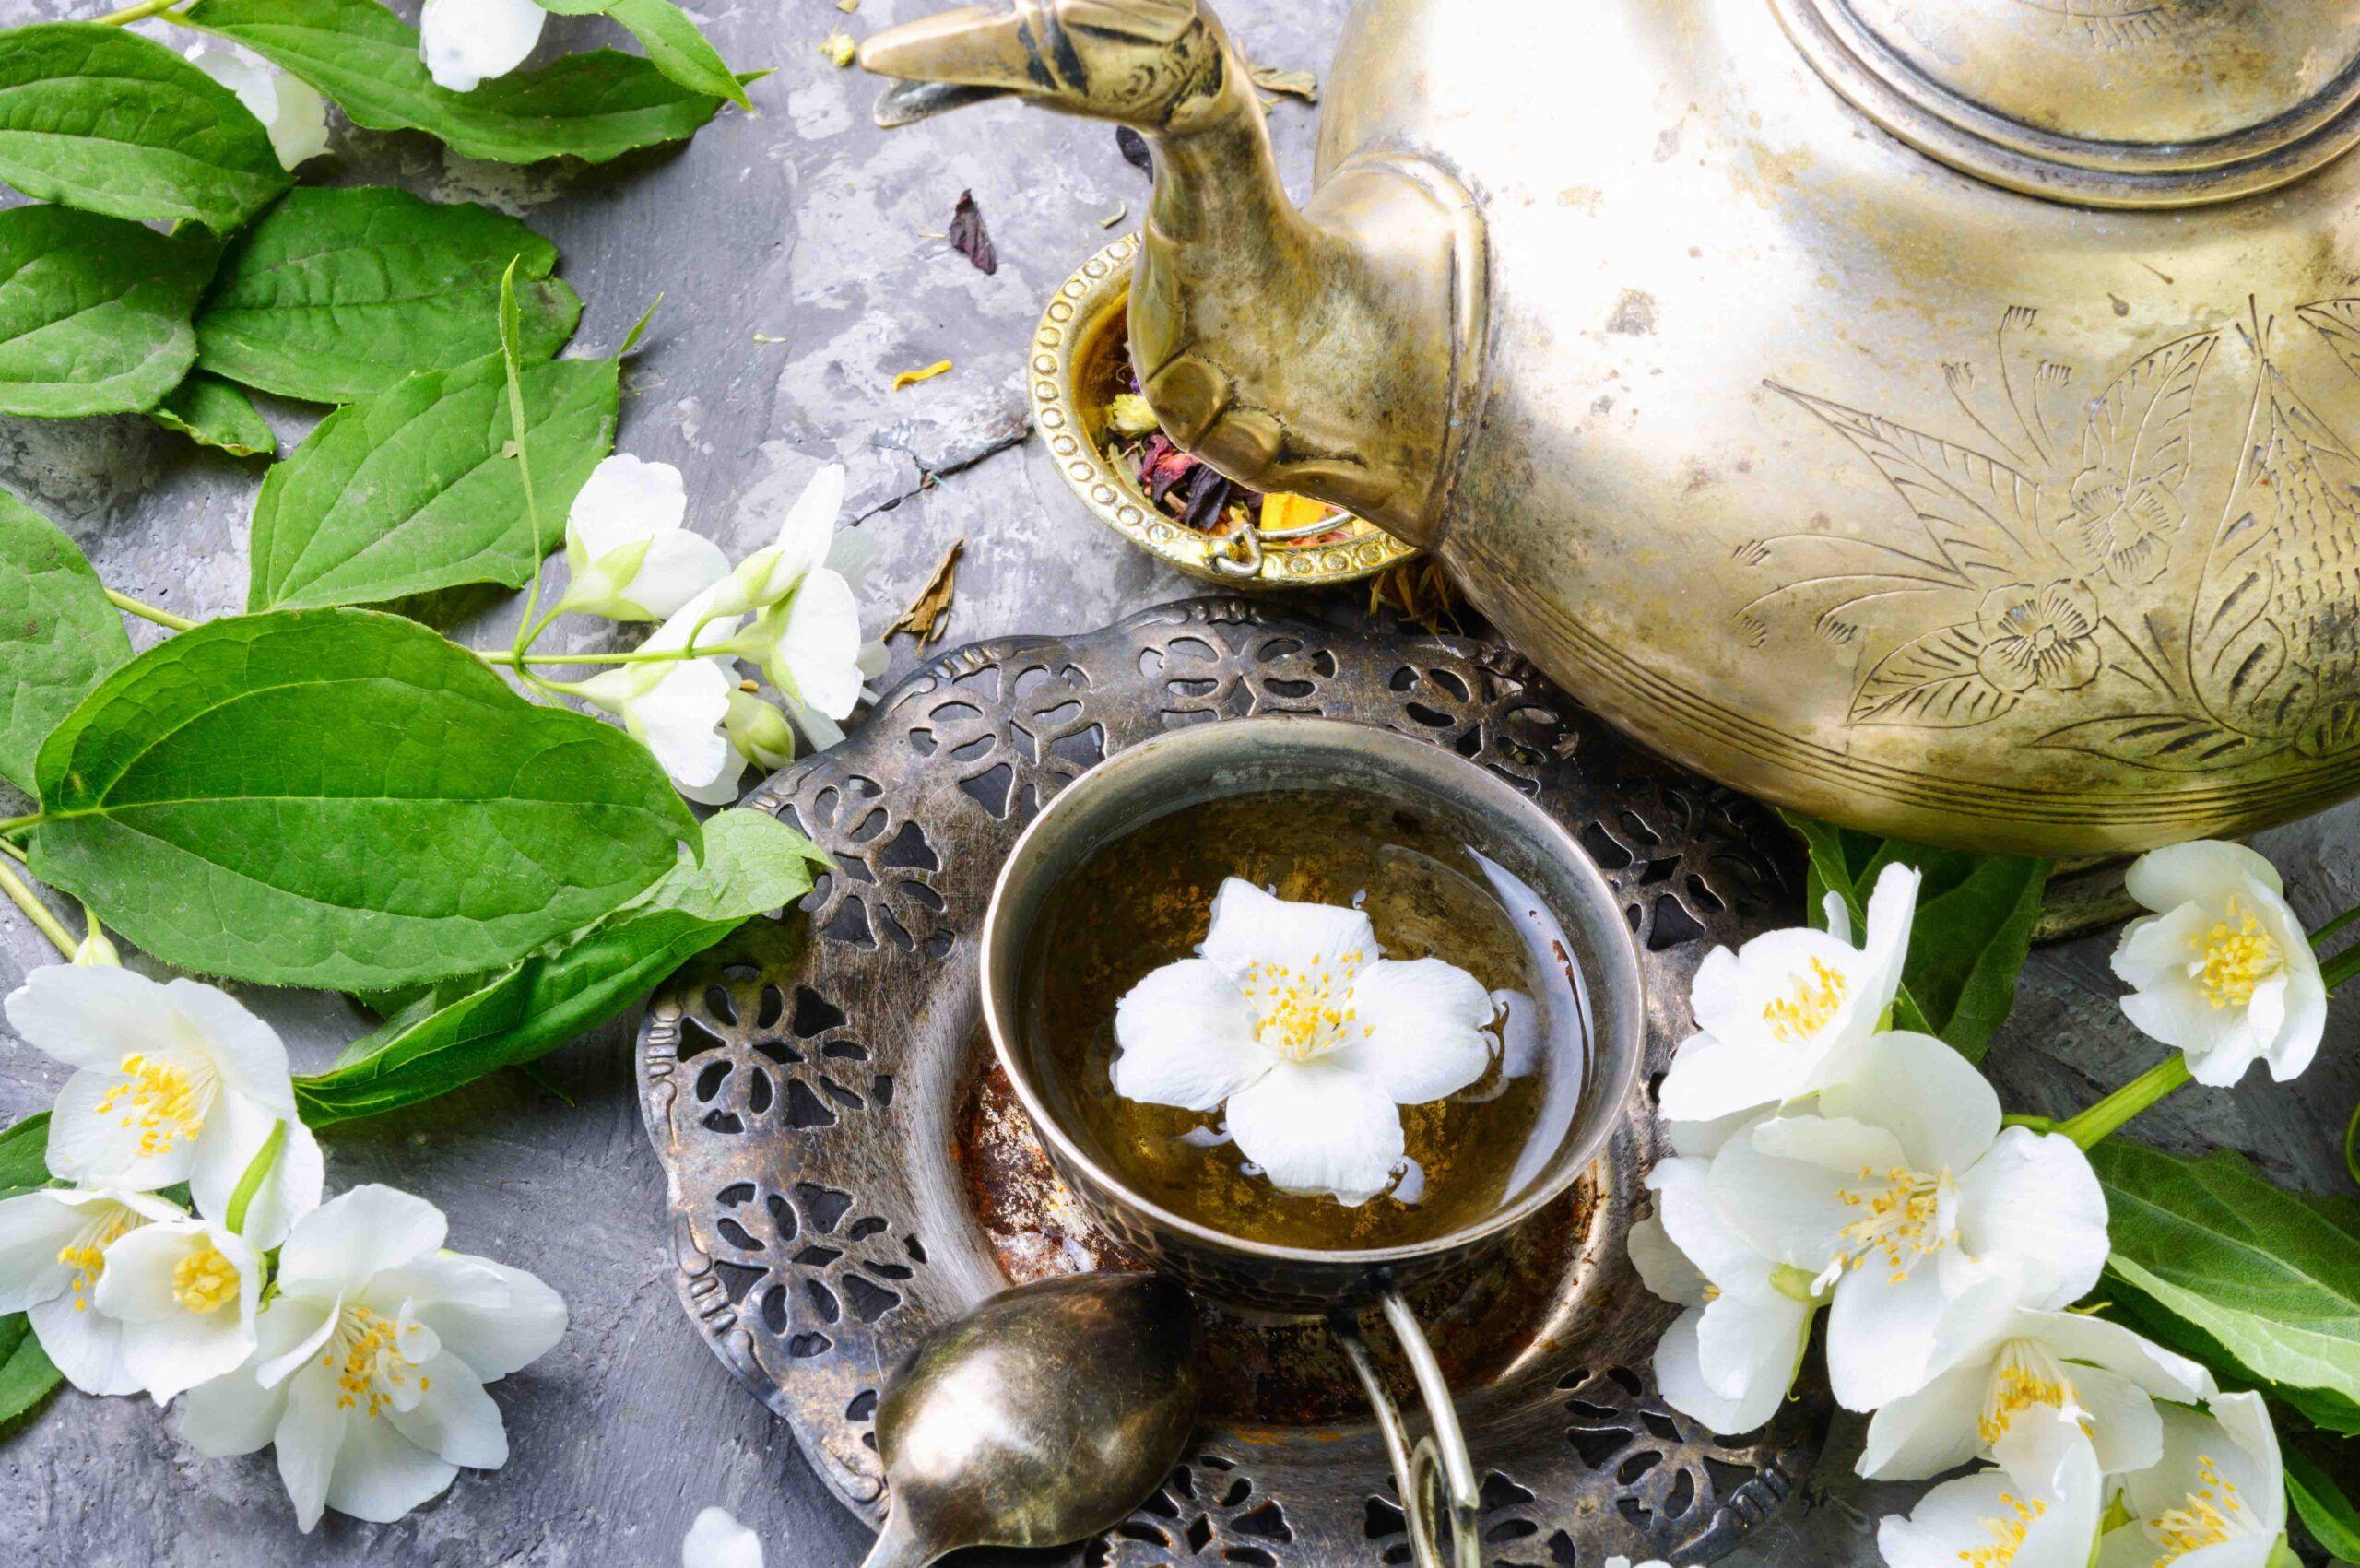 Plantas medicinales jazmin